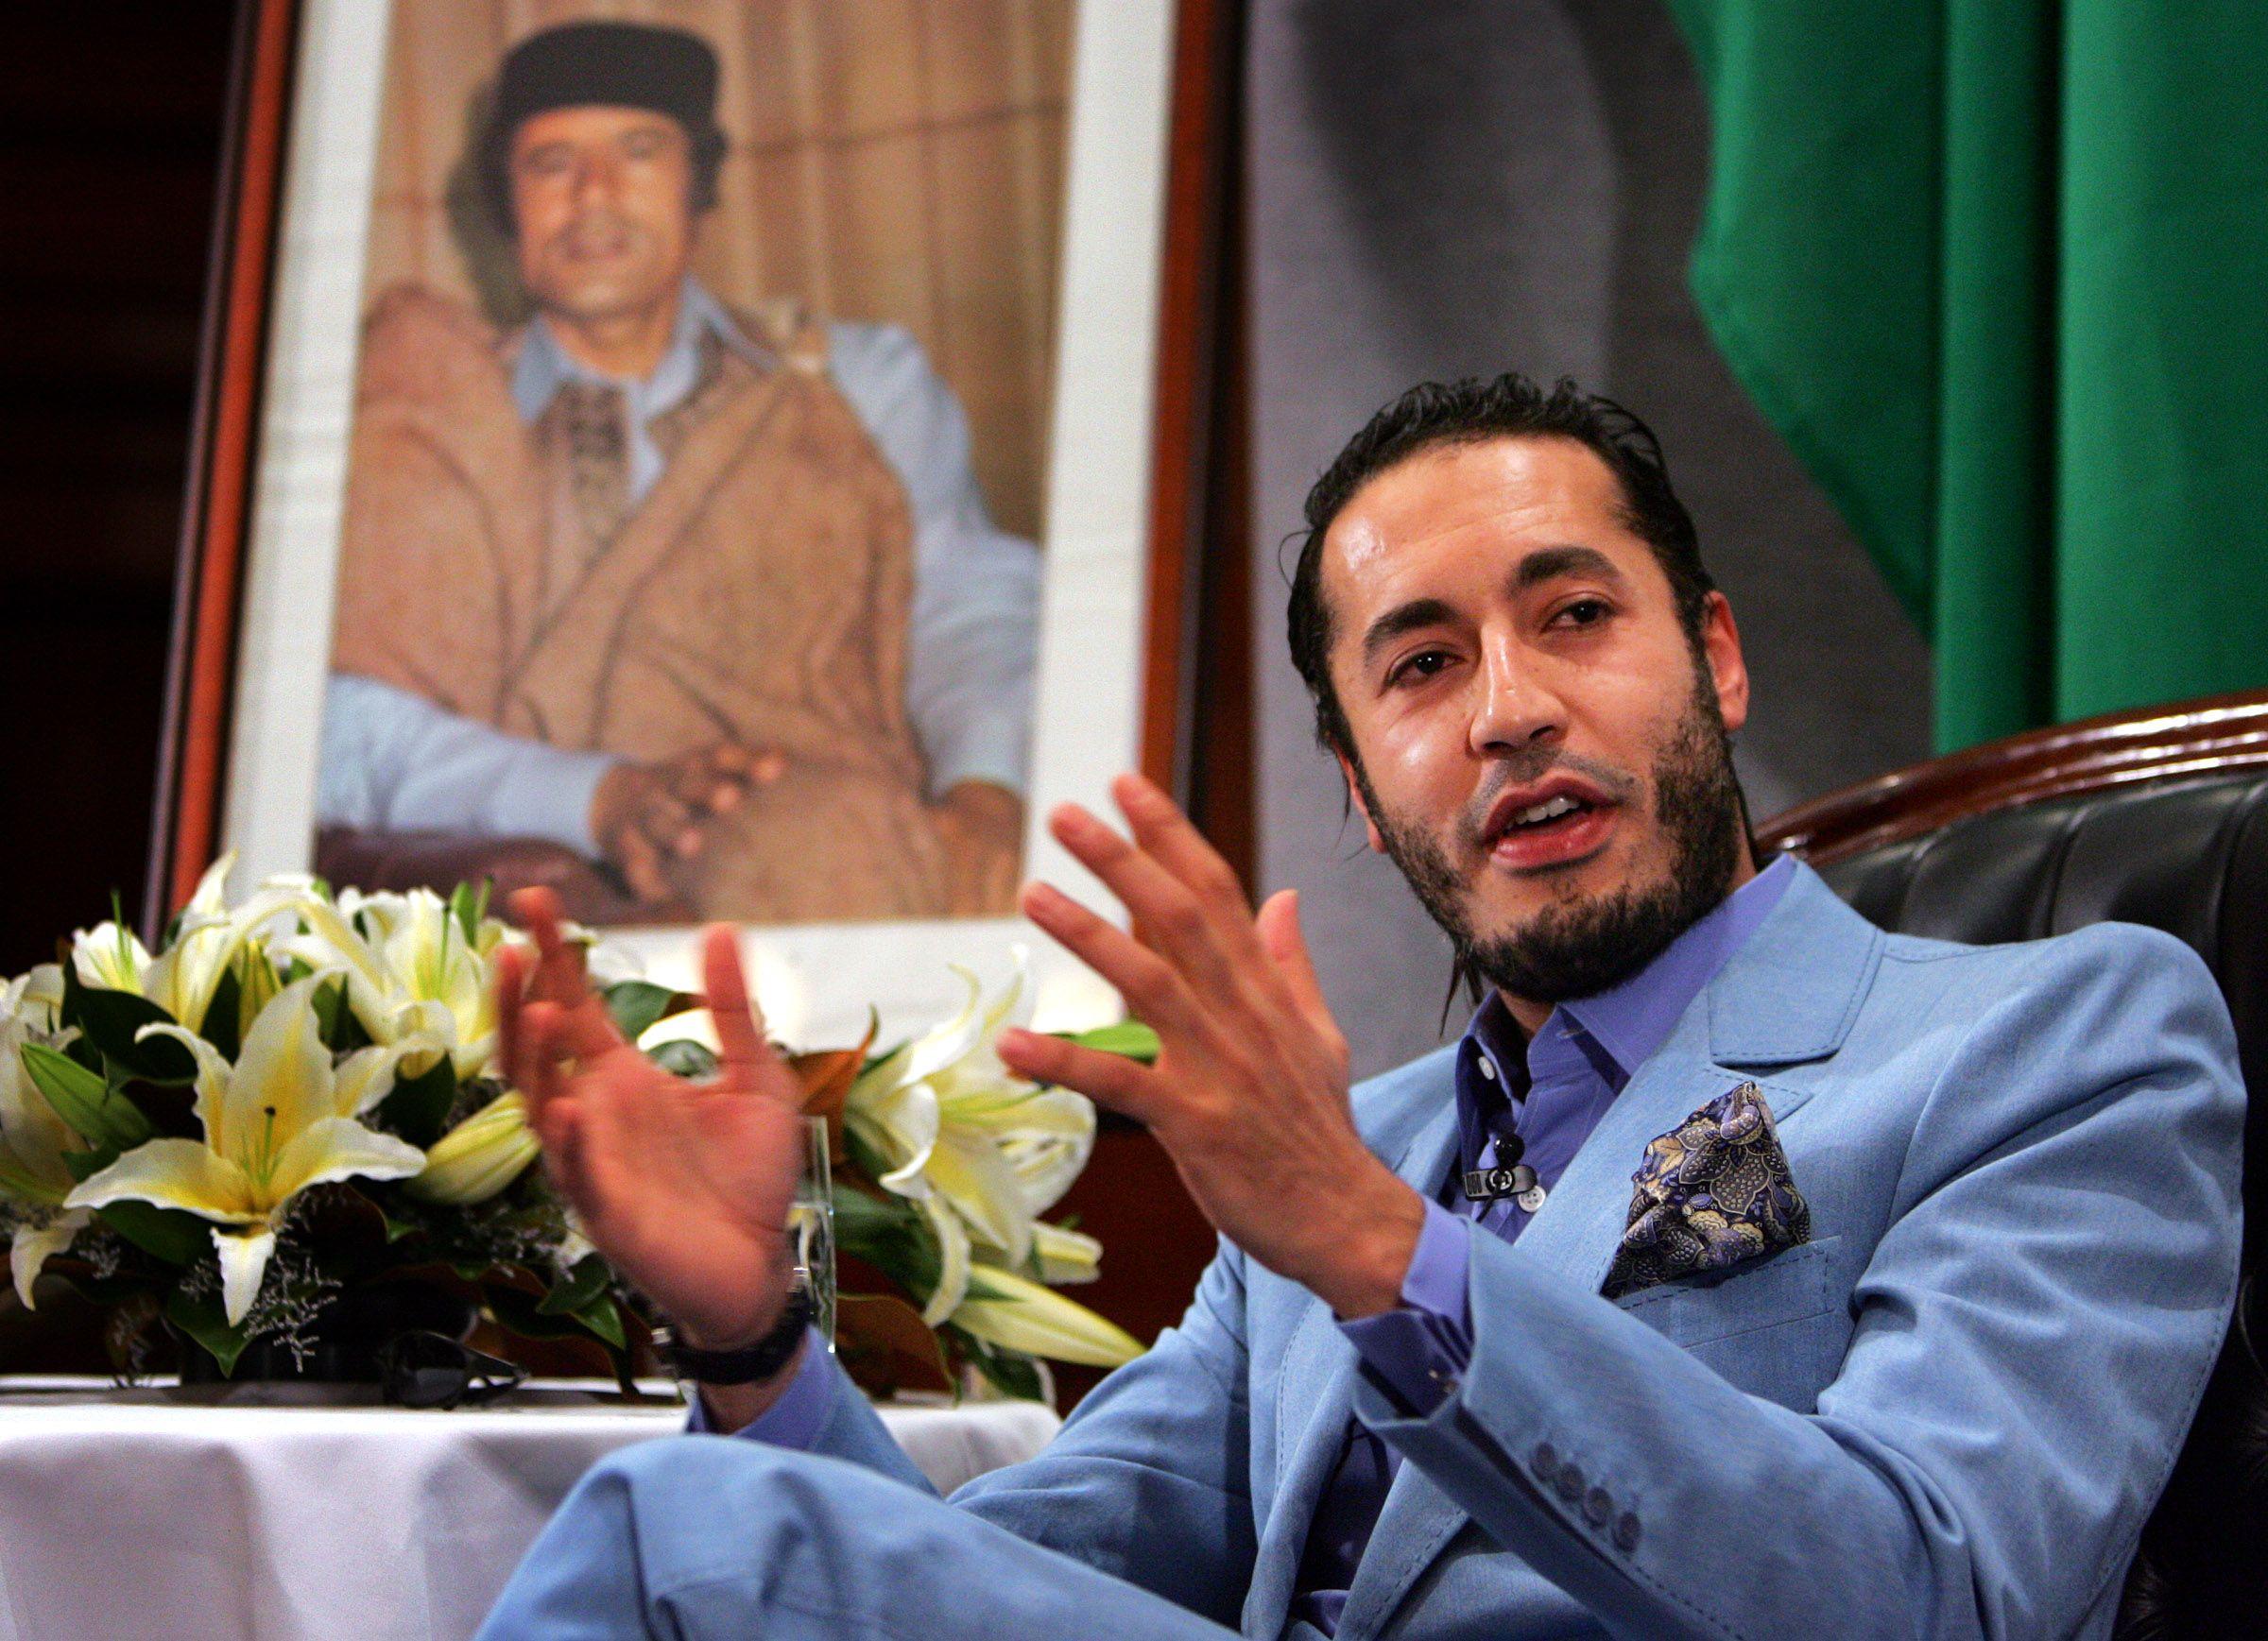 Al Saadi Gaddafi beaten in jail